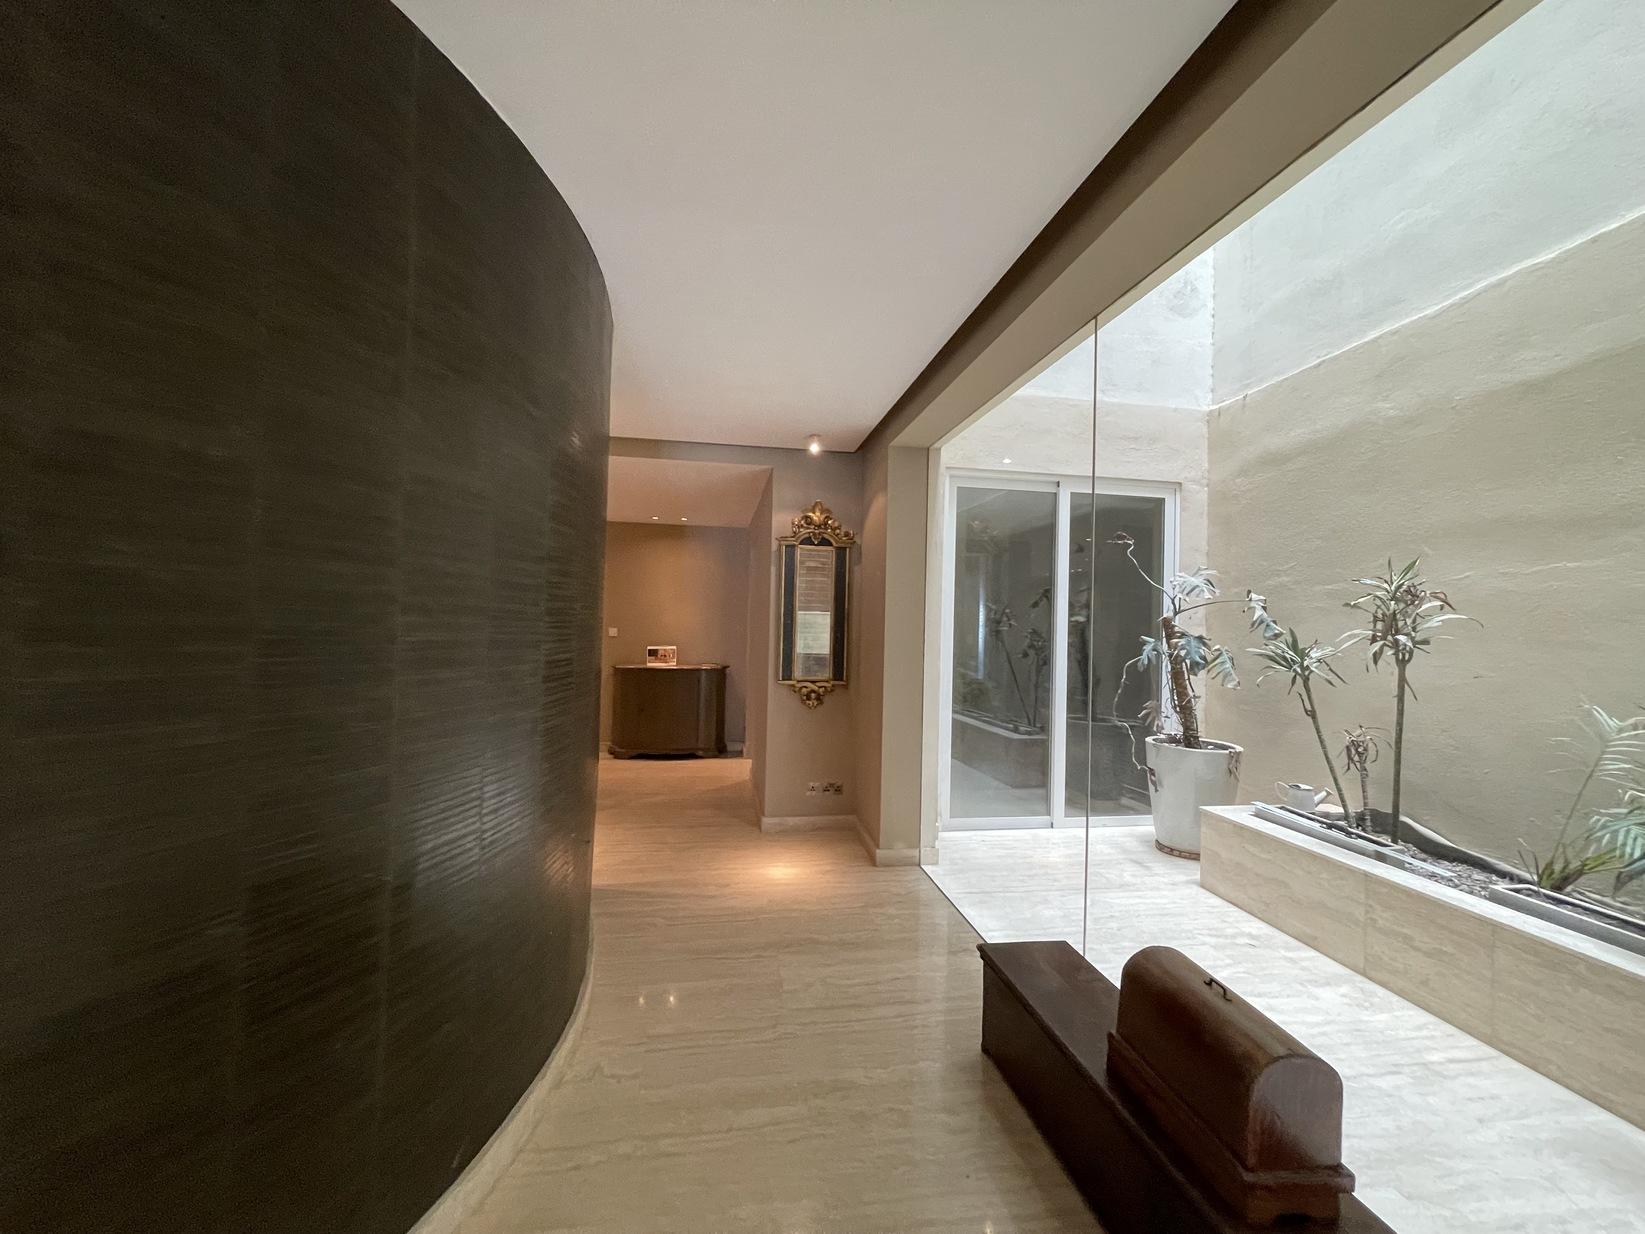 2 bed Apartment For Rent in Ta' Xbiex, Ta' Xbiex - thumb 2